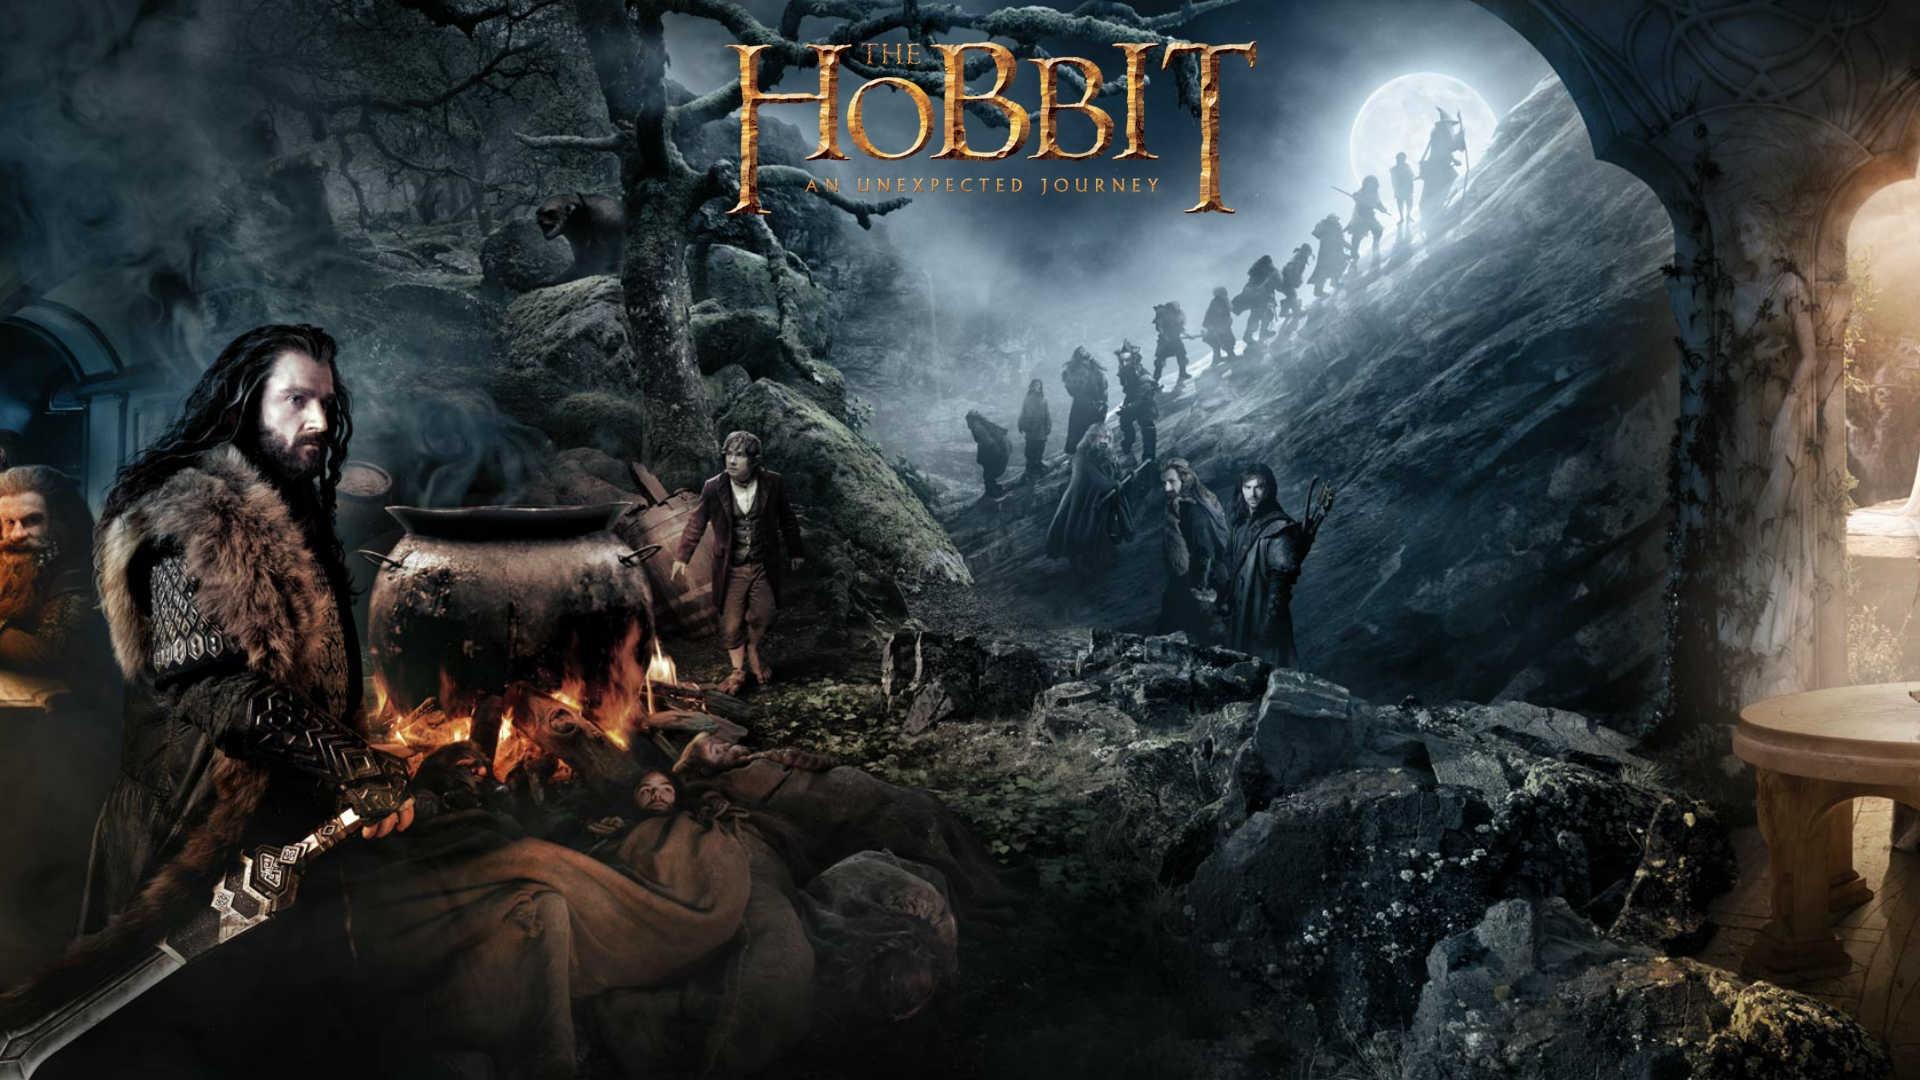 The Hobbit 1920x1080 1920x1080